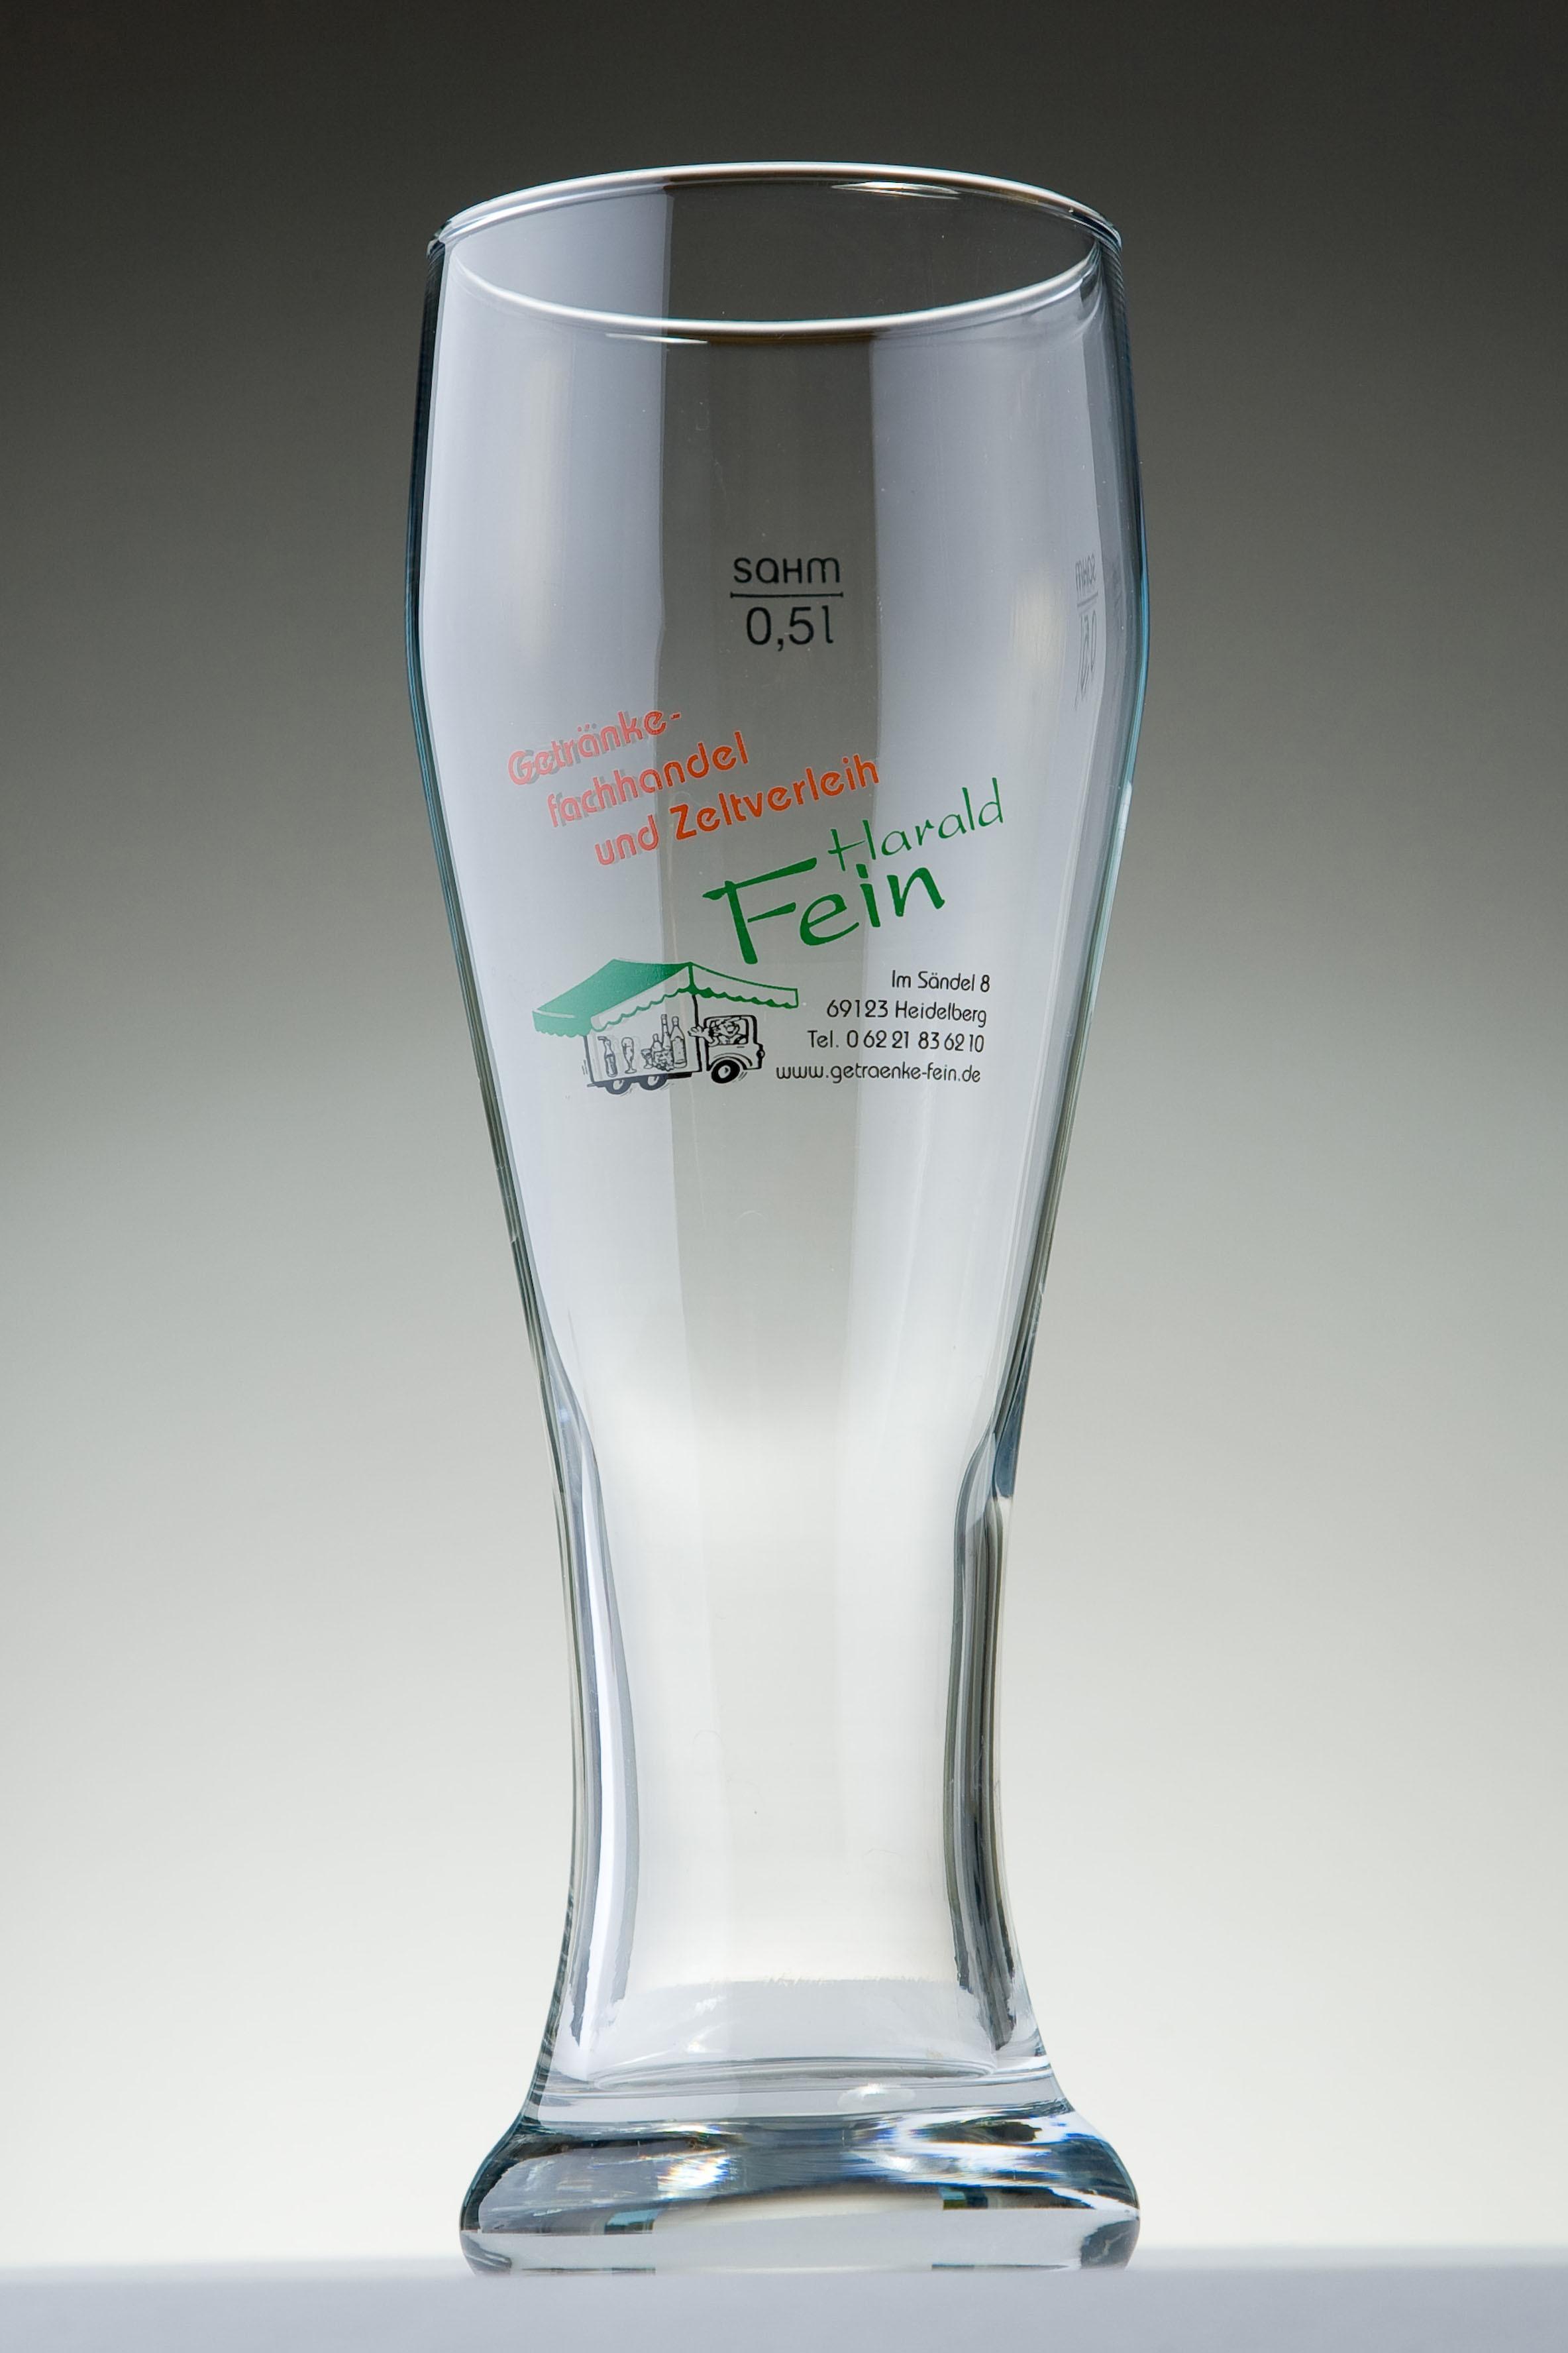 Gläser - Getränkefachhandel und Zeltverleih Harald Fein